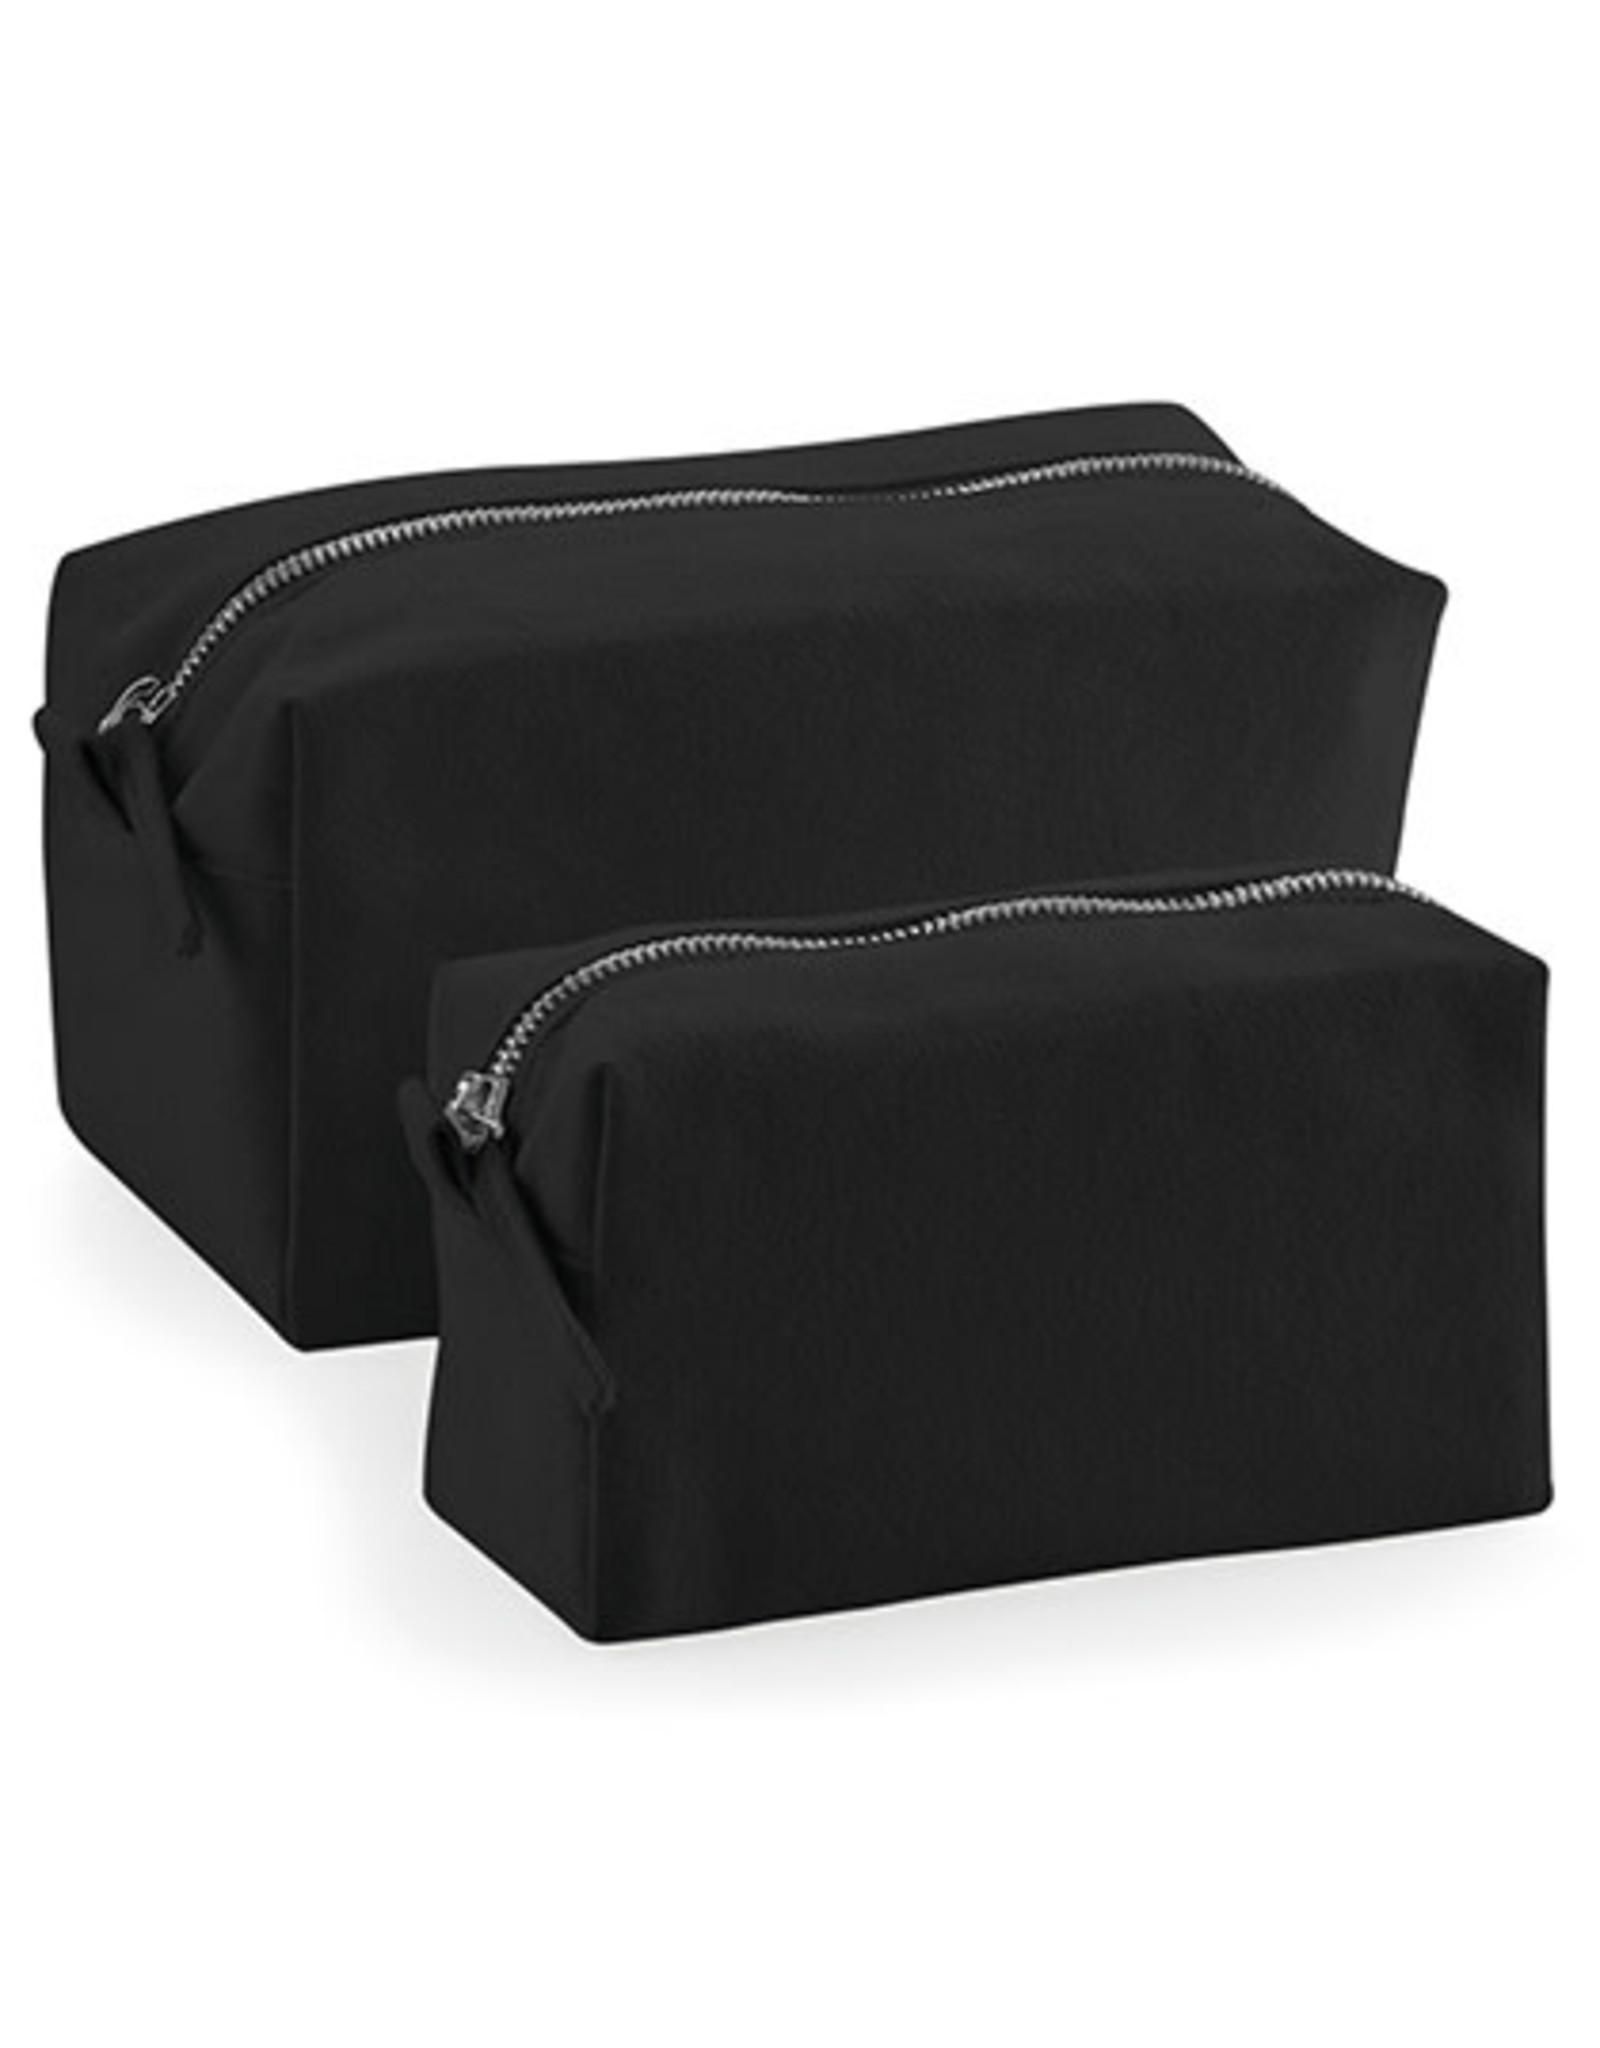 gepersonaliseerde toilettas zwart  L (21x11x11 cm)